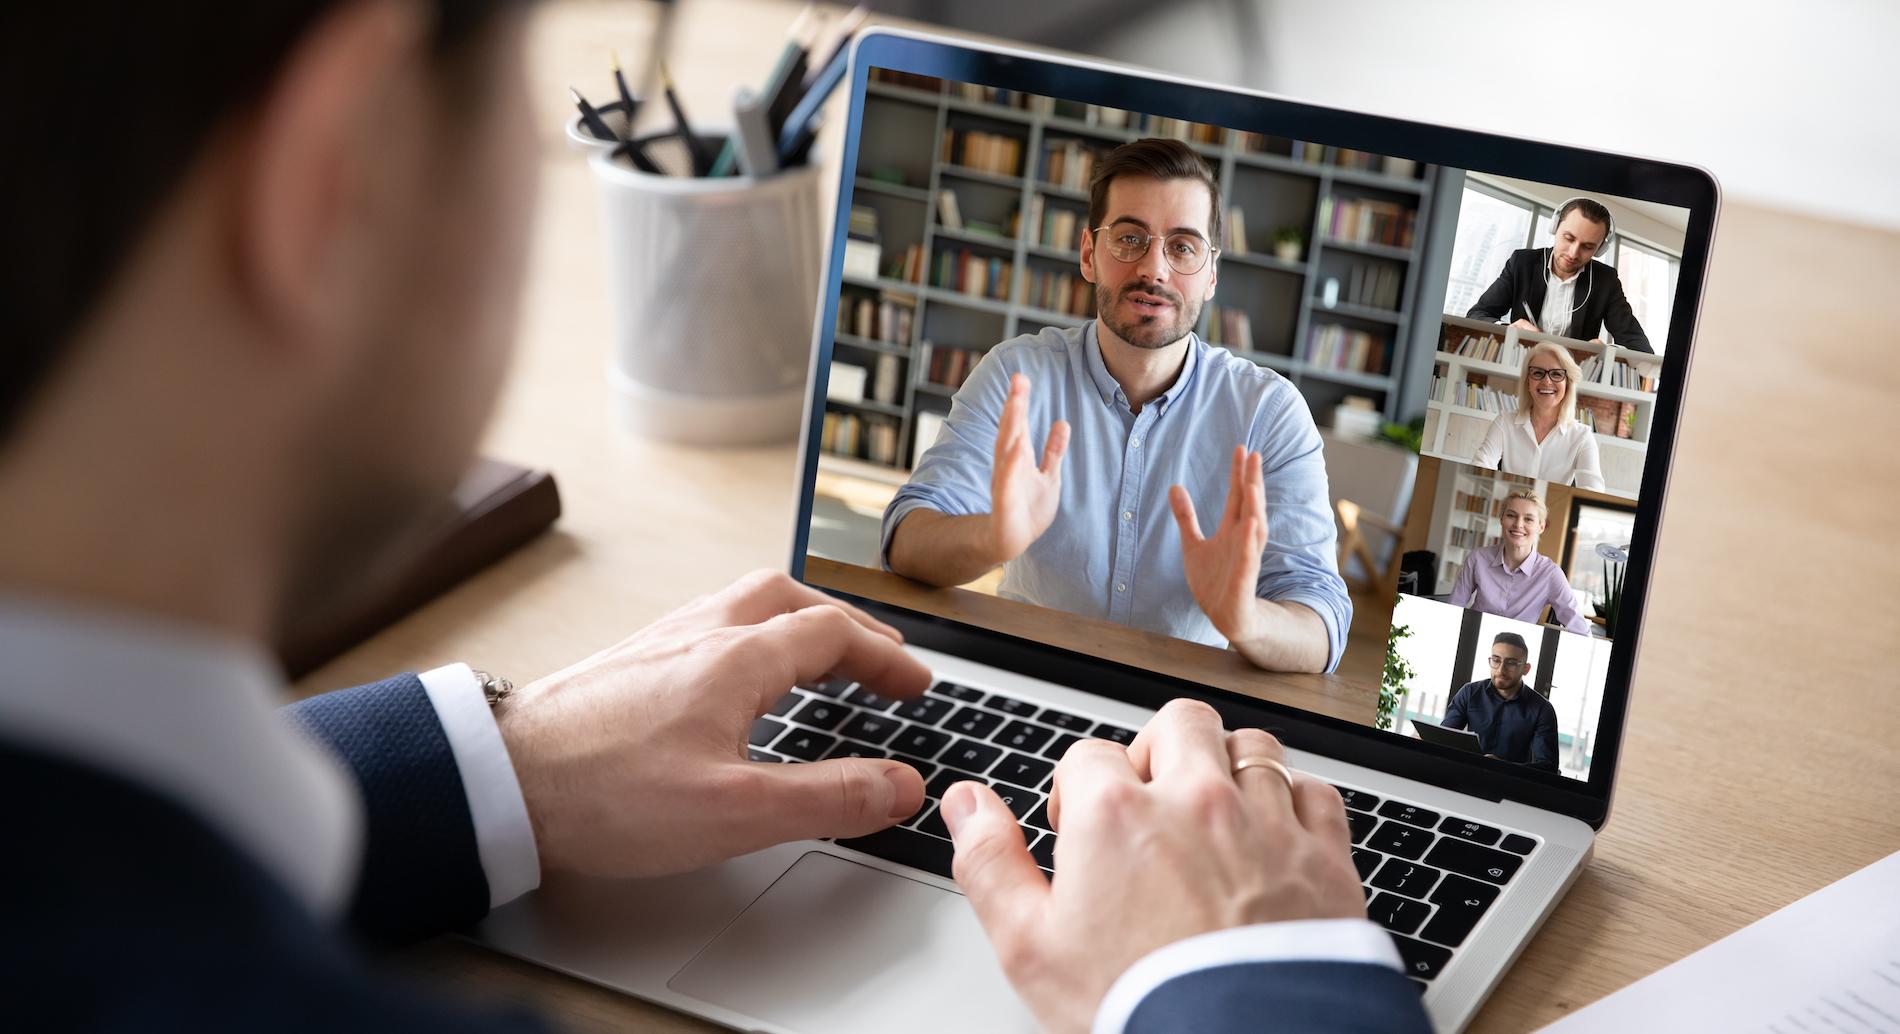 Chiedi una consulenza online per la ristorazione, per evitare costi di trasferta.